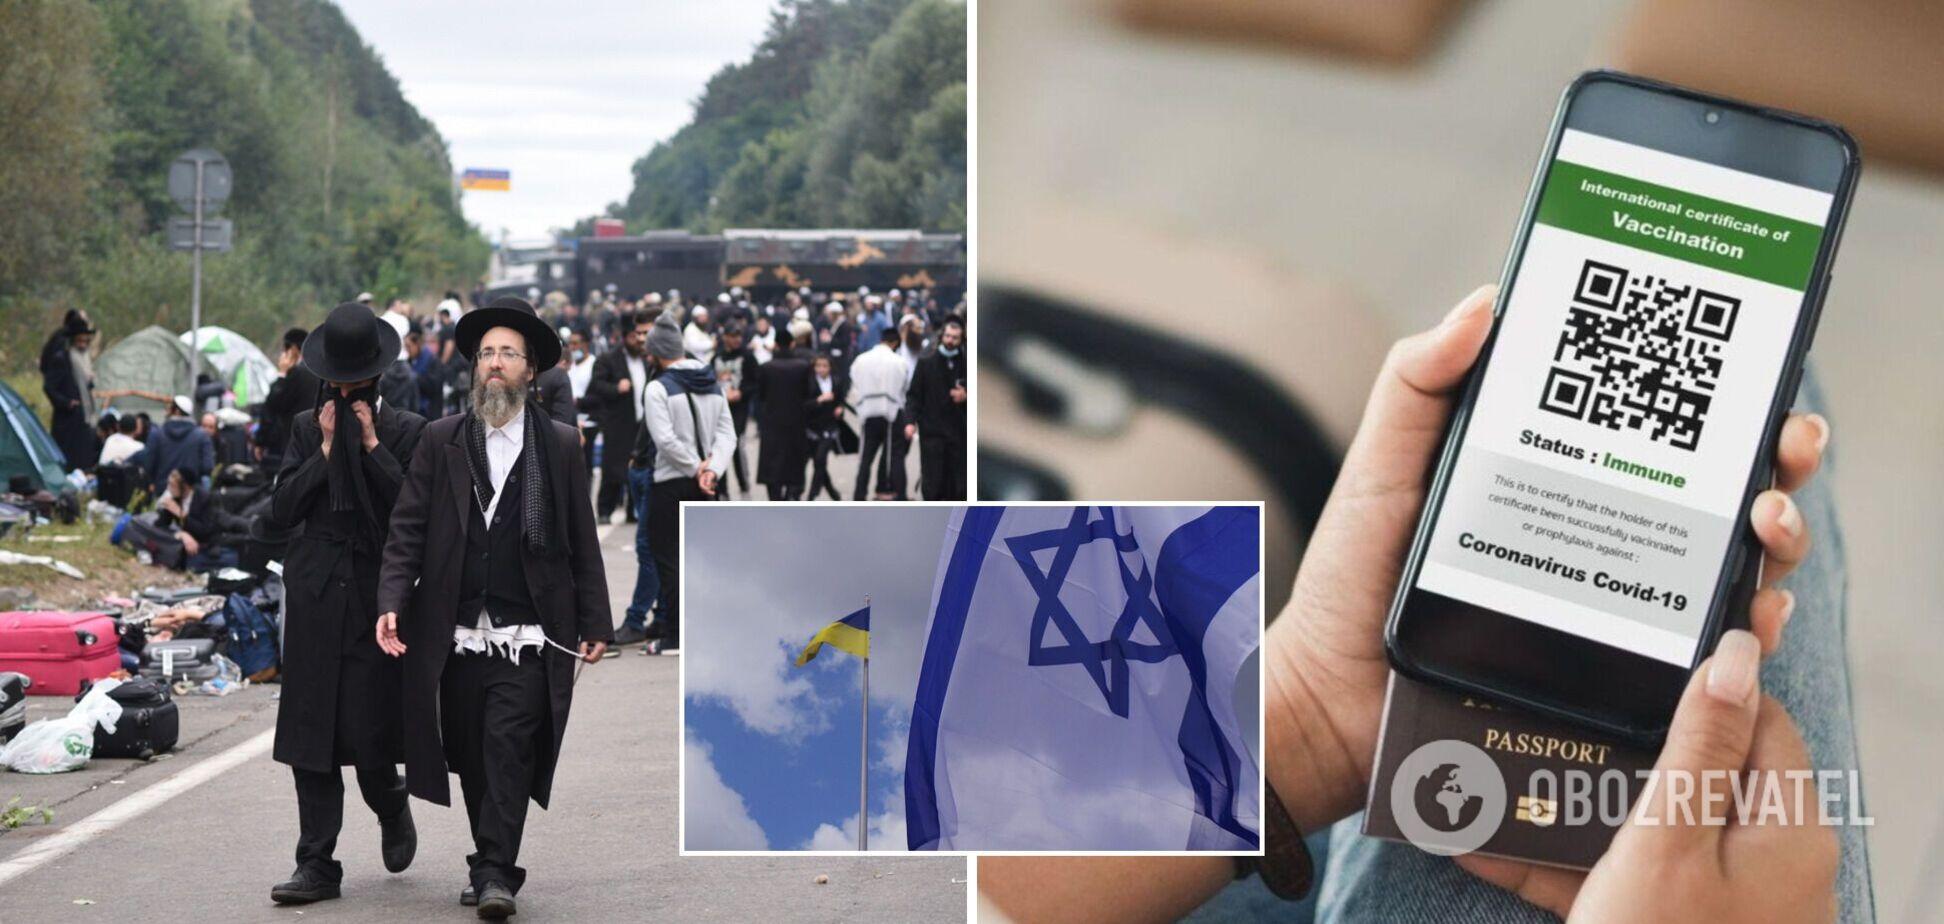 Щорічний приїзд хасидів до Умані знову зривається: чому Ізраїль не хоче визнавати COVID-паспорти